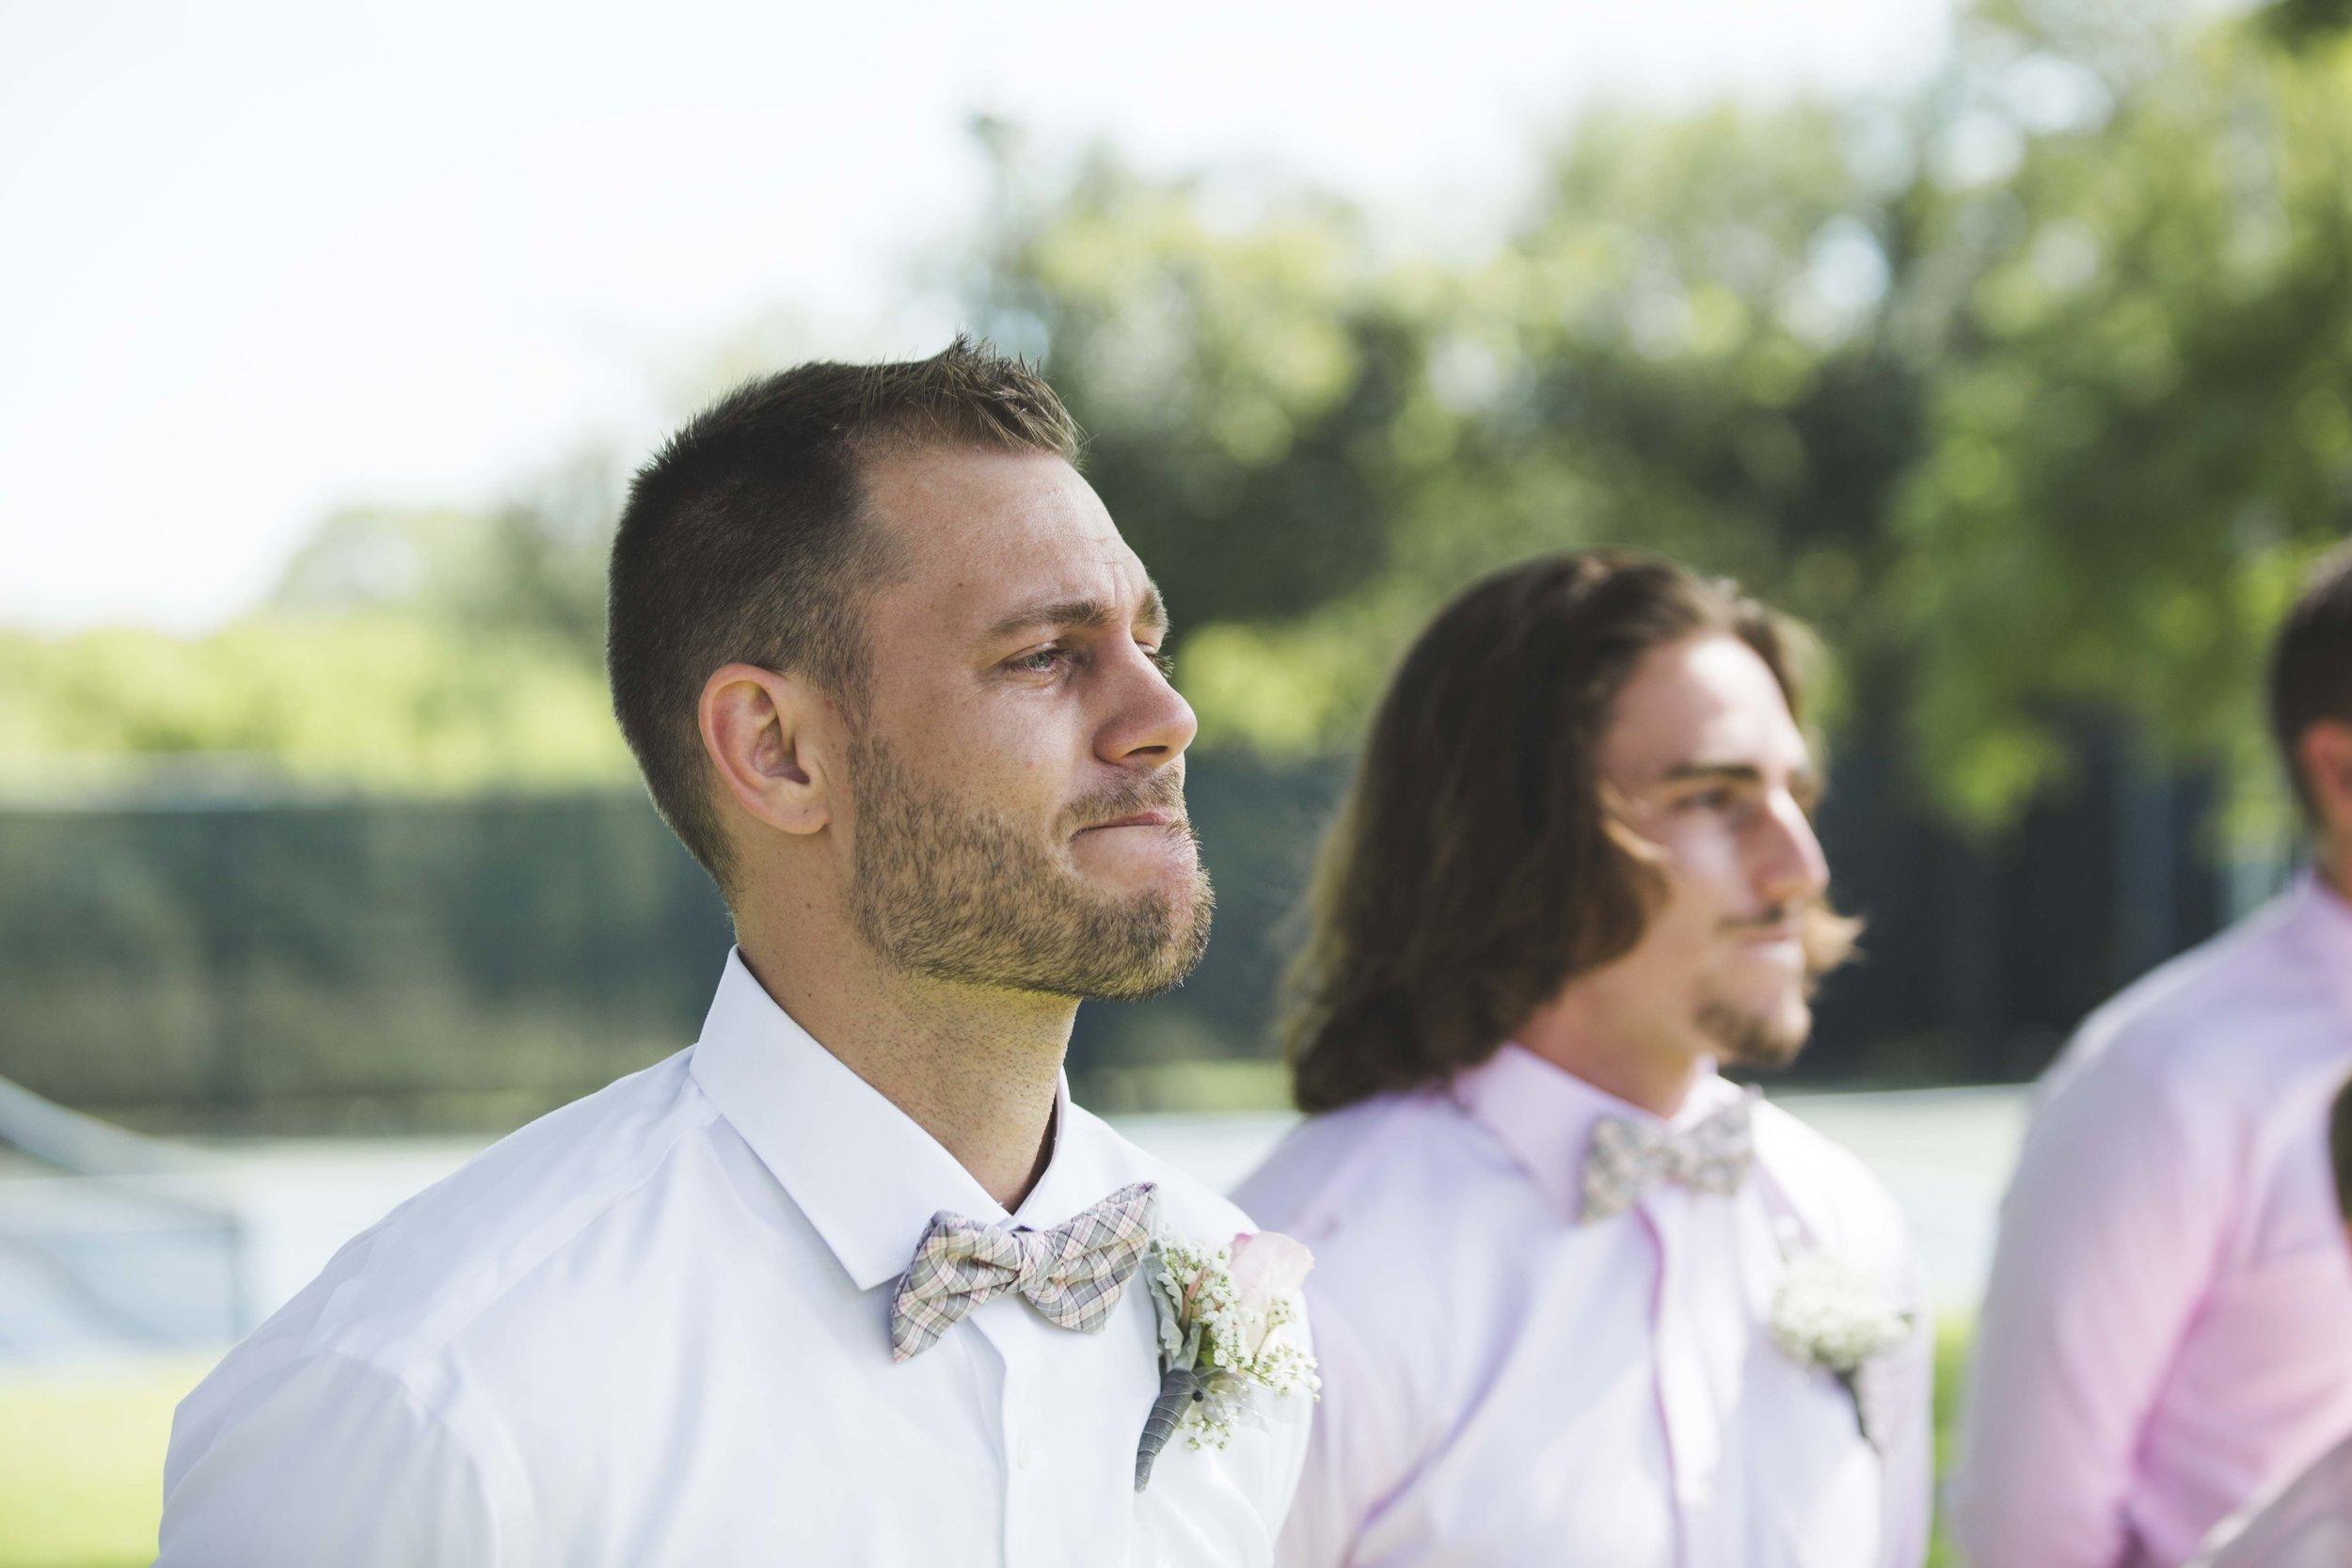 ATGI_Susanna & Matt Wedding_717A7556.jpg